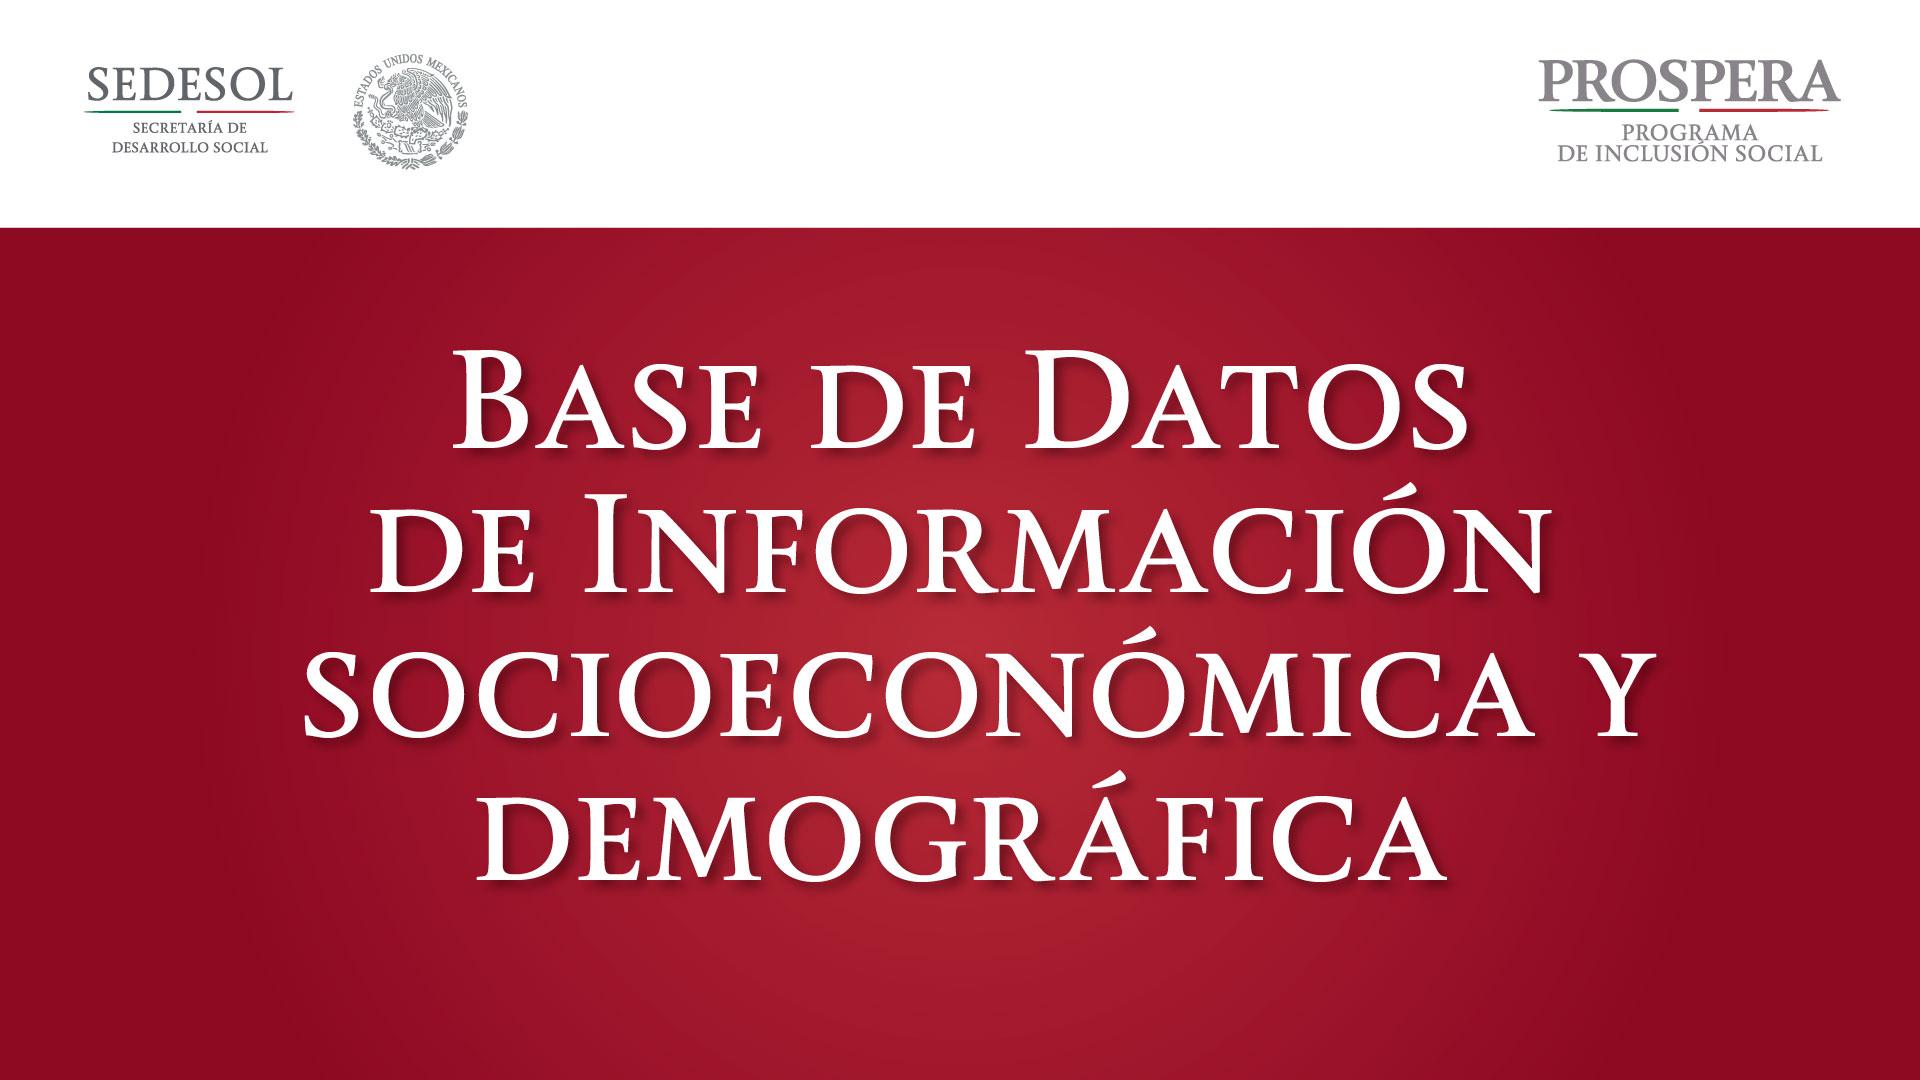 Infografía sobre la base de datos